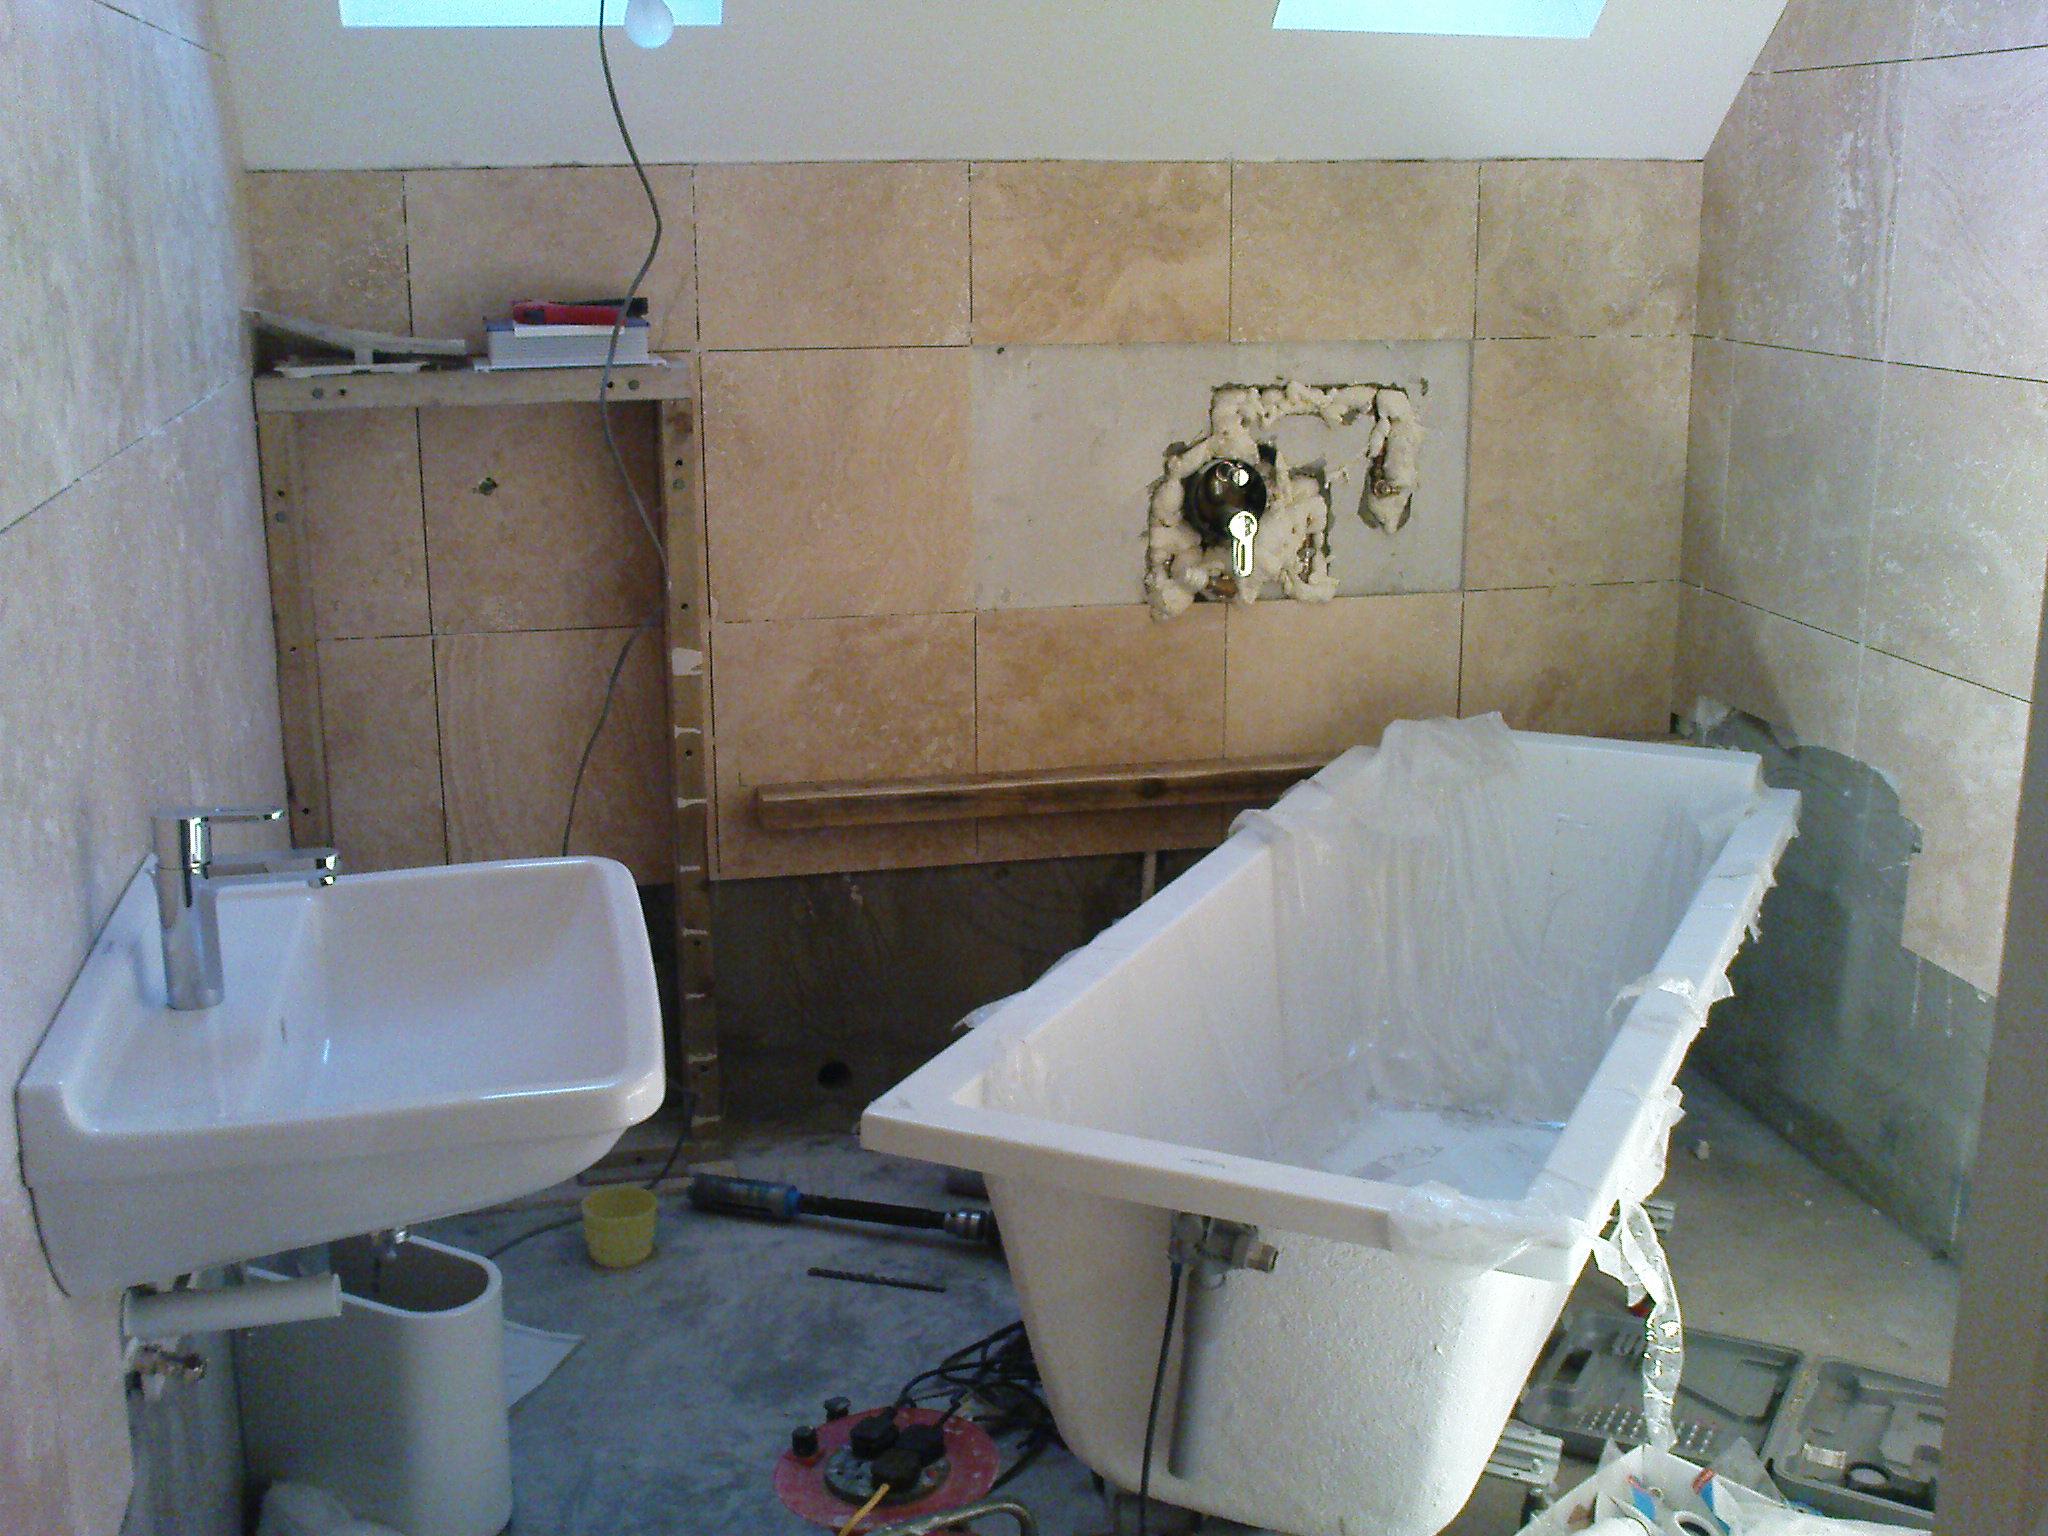 Капитальный ремонт комнаты своими руками видео шаг за шагом